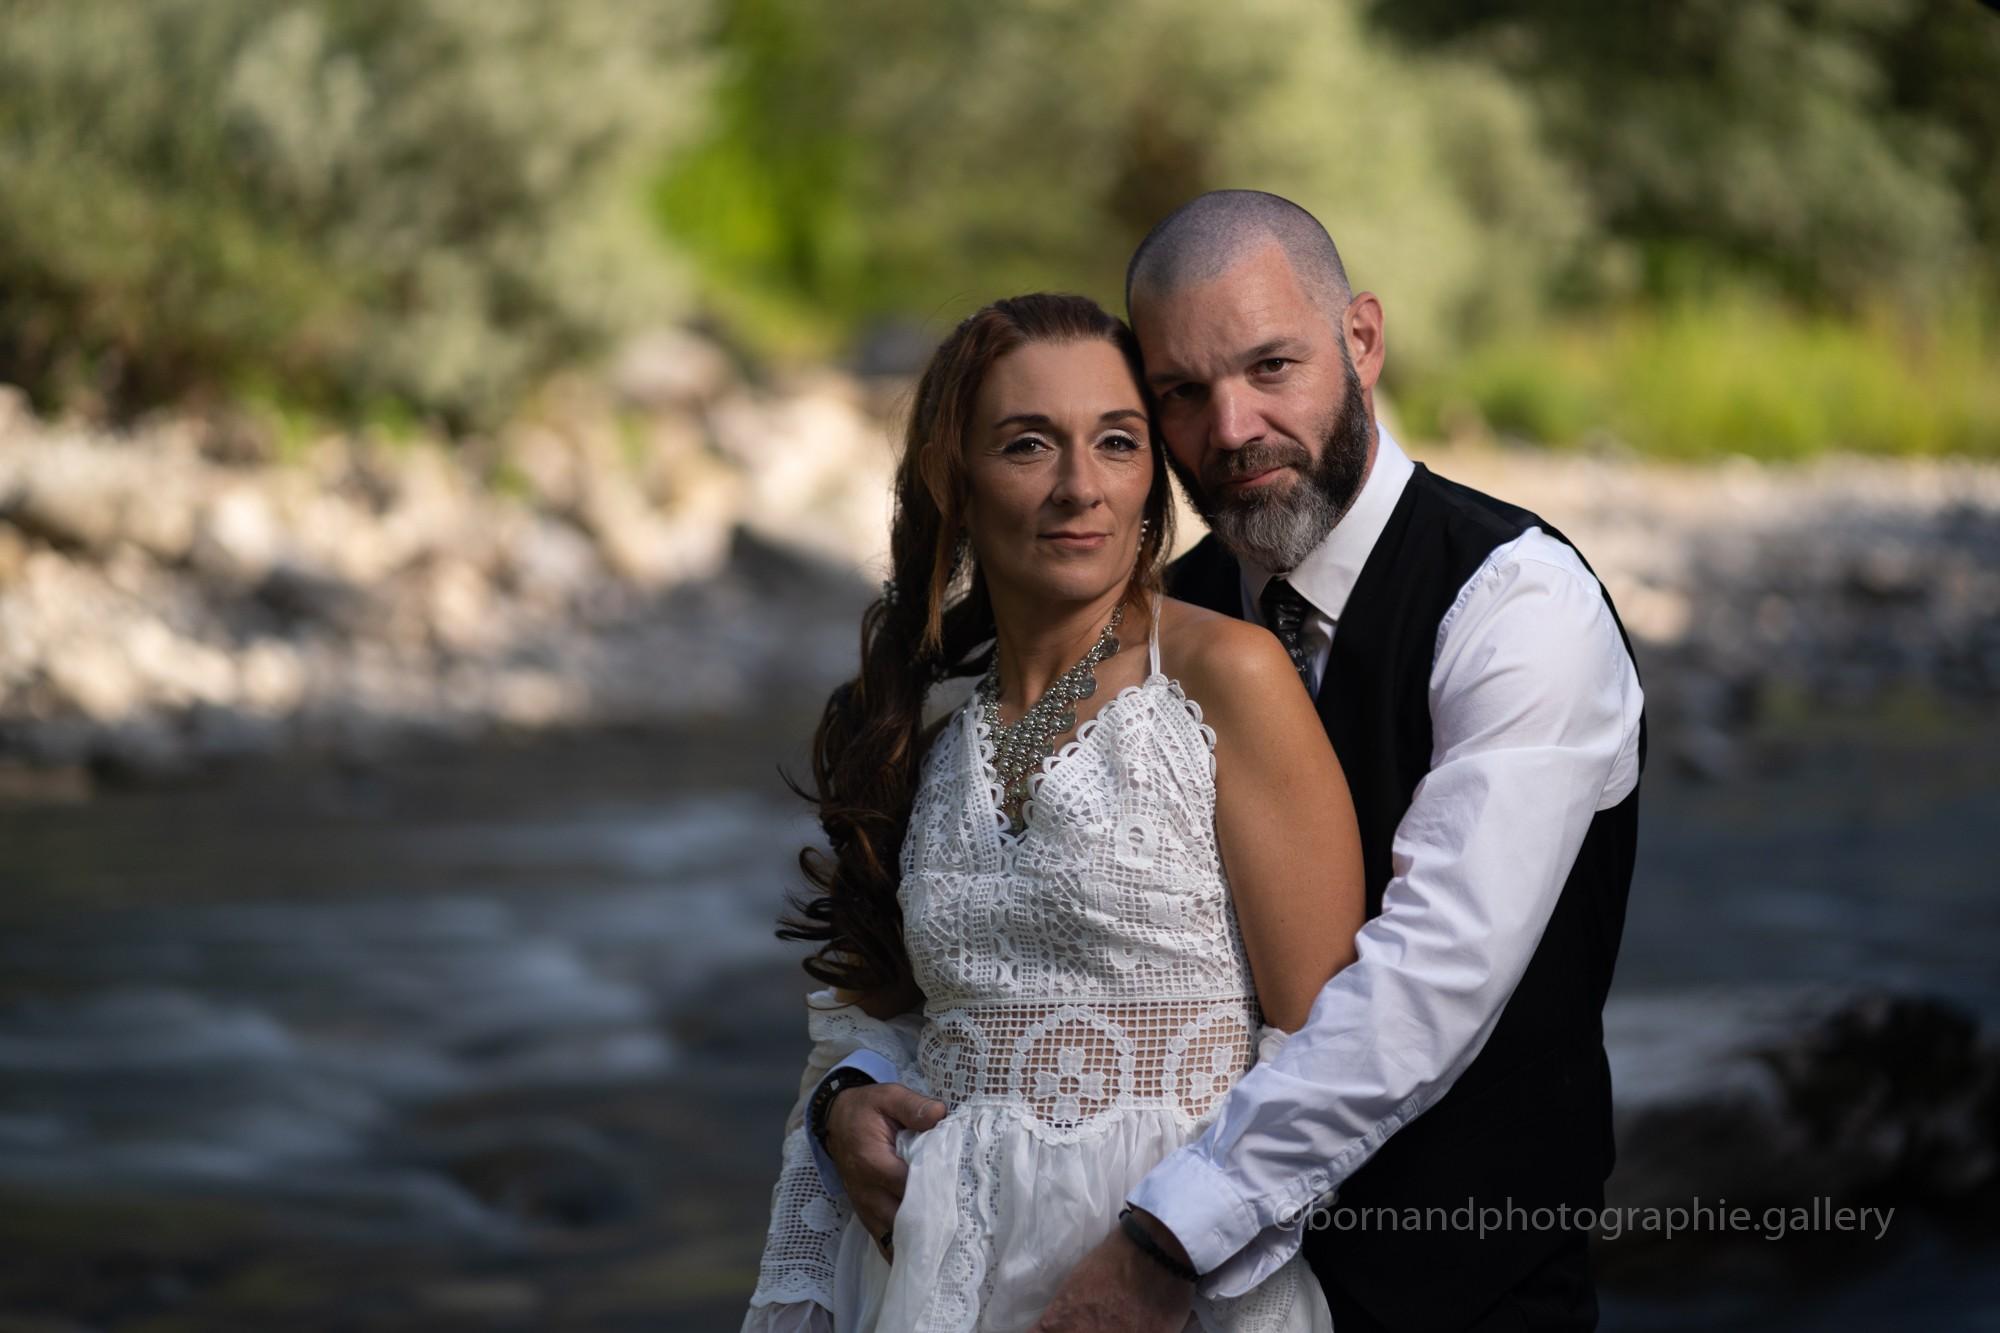 Séance couple atypique au bord de l'eau